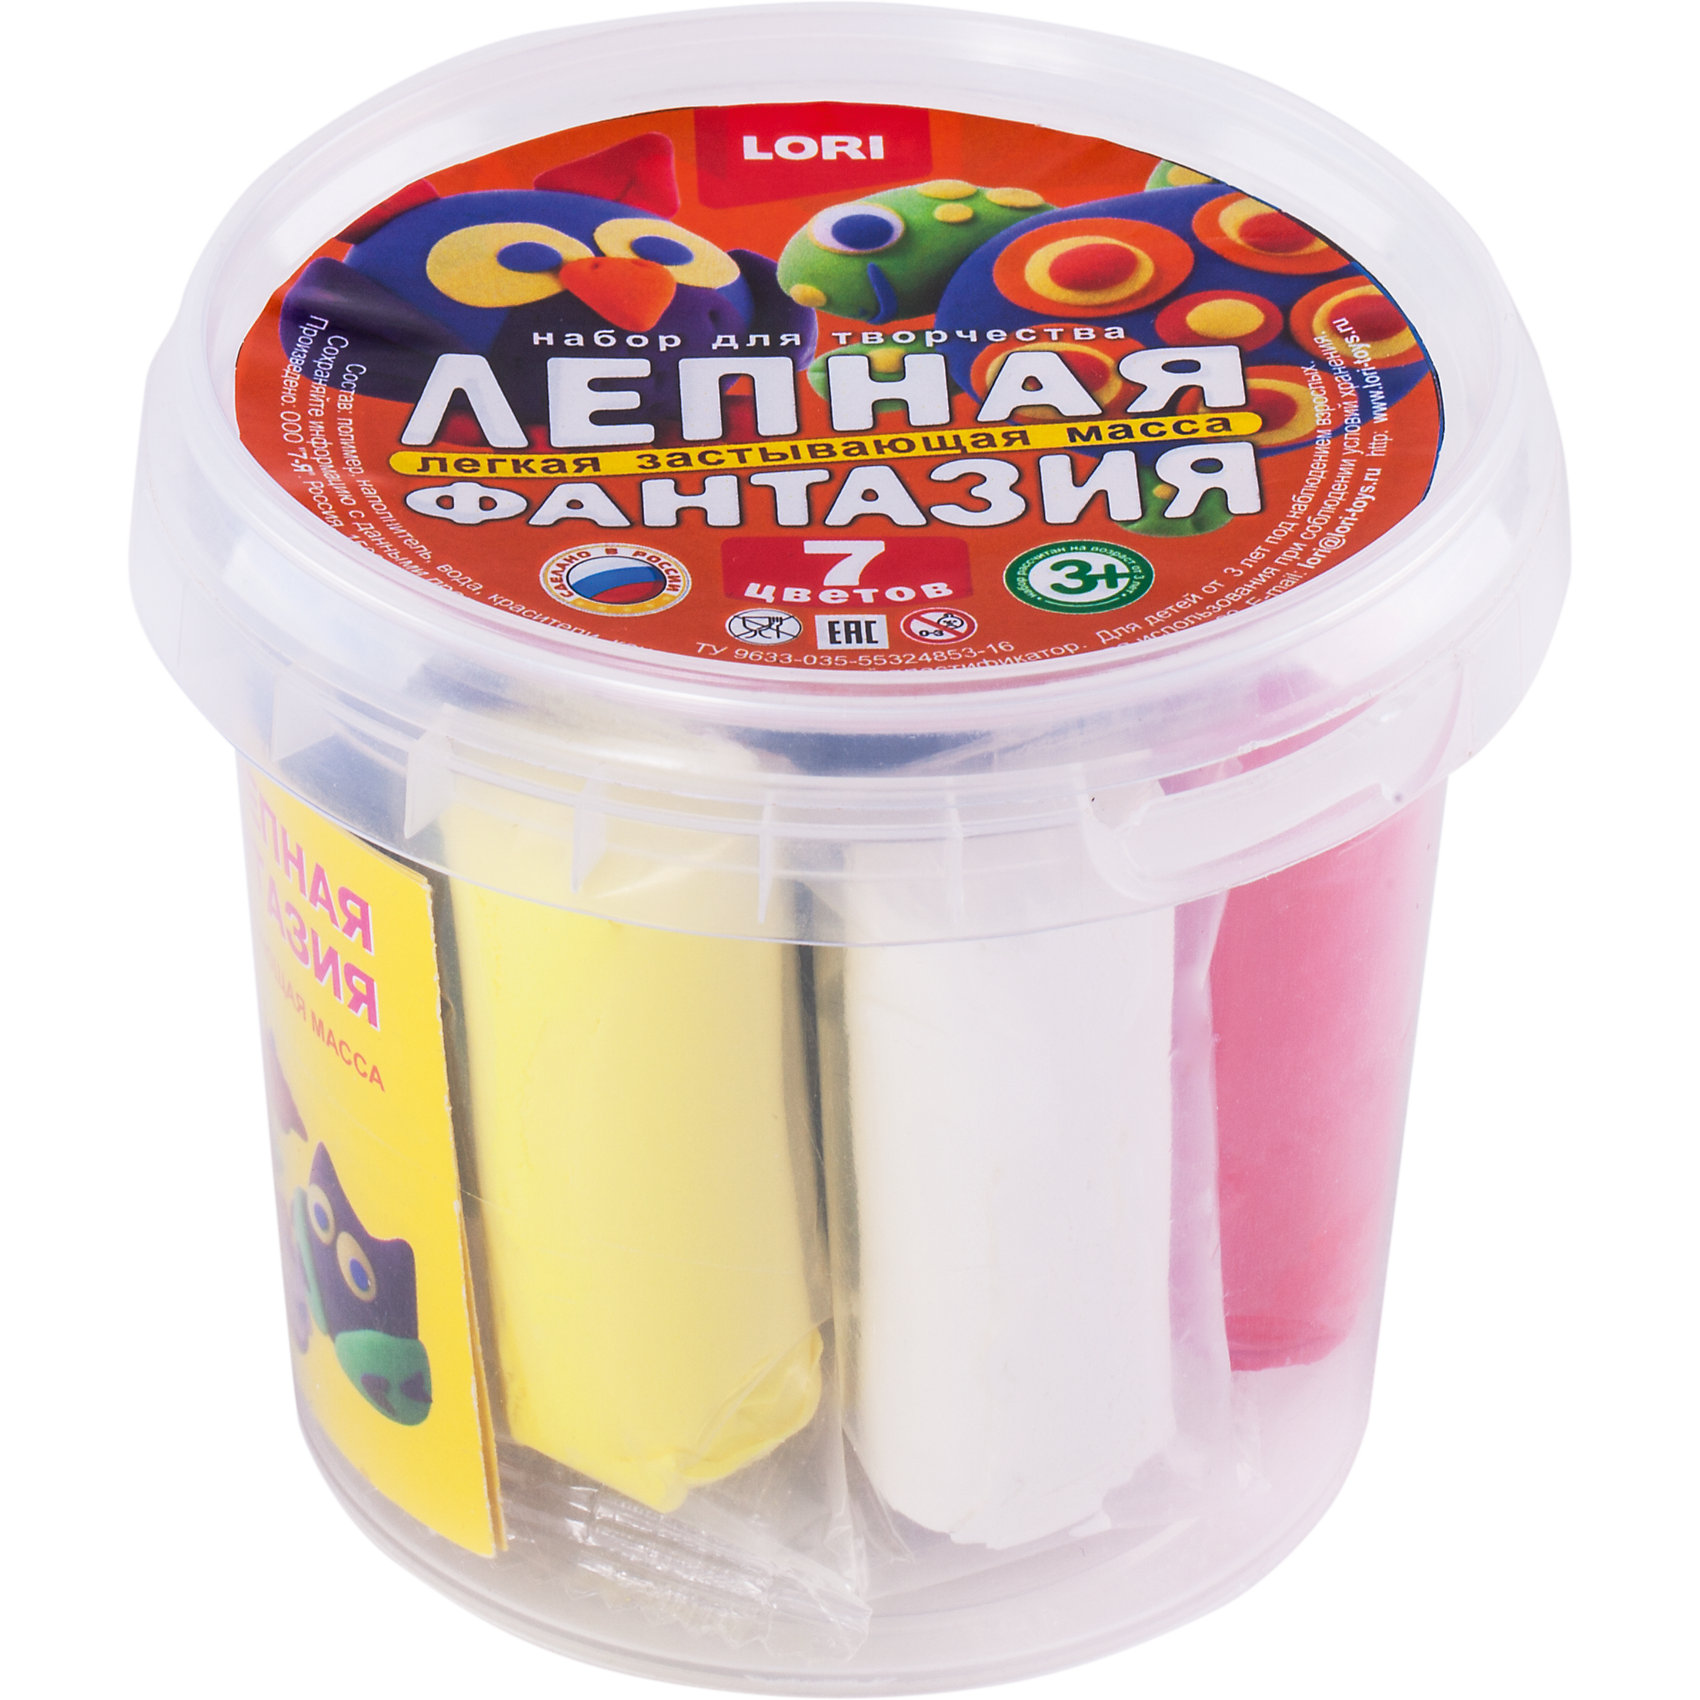 Масса для лепки Лепная фантазияЛепка<br>Лепная фантазия в ведре, 7 цветов по 6 гр.<br><br>Характеристики:<br><br>• Возраст: от 3 лет<br>• В наборе: пластилин 7 цветов по 6 гр, стек, деревянные палочки, инструкция<br>• Размер упаковки: 99х85 мм.<br><br>Набор для творчества Лепная фантазия от бренда LORI включает в себя 7 разноцветных брусков пластилина, находящихся в пластиковом ведре. Пластилин хорошо мнется, не прилипает рукам и одежде. Пластилин быстро застывает на воздухе, и готовая поделка из него может занять свое место в коллекции фигурок на полке в детской комнате. <br><br>Лепка - занятие не только веселое и увлекательное, но и полезное! Оно помогает детям развивать усидчивость, воображение, образное восприятие мира, а также мелкую моторику рук.<br><br>Набор Лепная фантазия в ведре, 7 цветов по 6 гр. можно купить в нашем интернет-магазине.<br><br>Ширина мм: 99<br>Глубина мм: 99<br>Высота мм: 85<br>Вес г: 104<br>Возраст от месяцев: 36<br>Возраст до месяцев: 2147483647<br>Пол: Унисекс<br>Возраст: Детский<br>SKU: 5514602